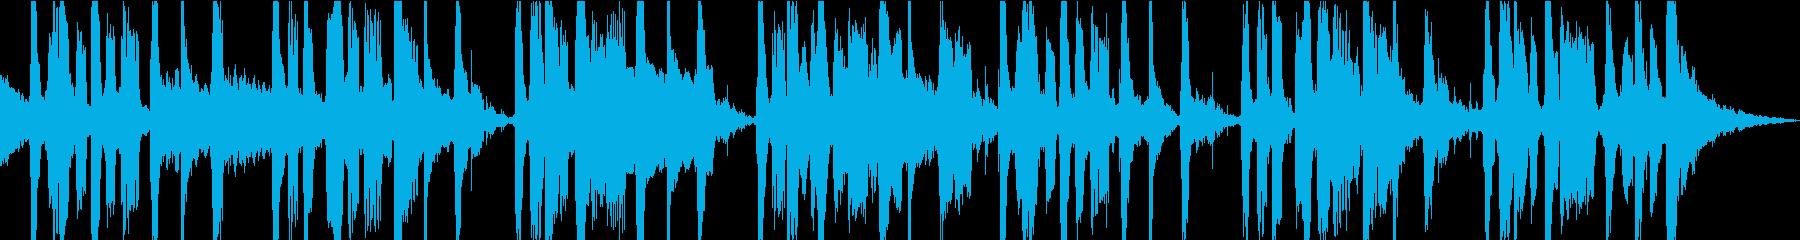 伝統的なレゲエサウンドの遅いレゲエ...の再生済みの波形